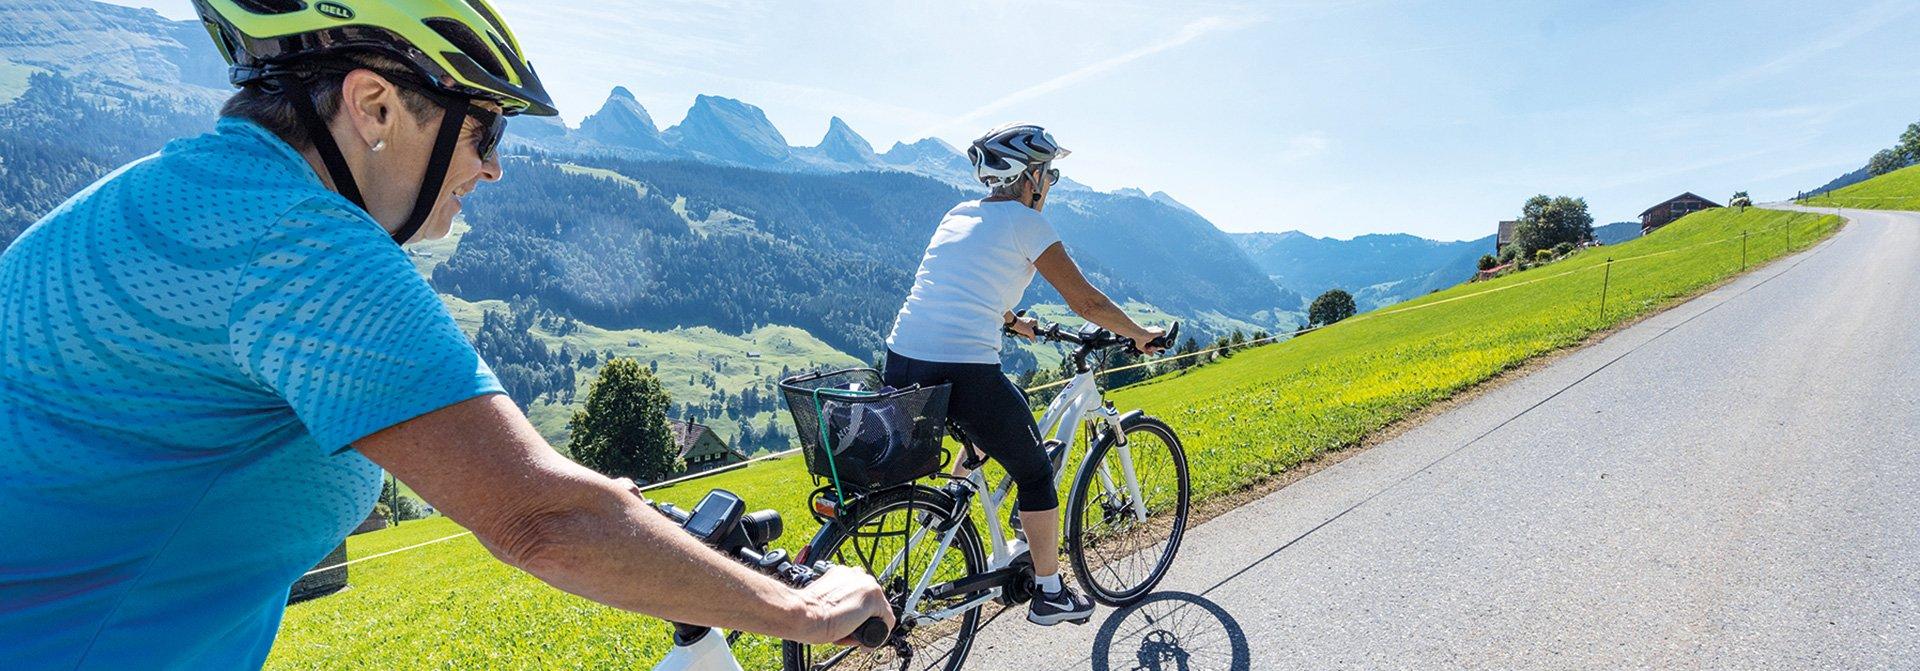 Zwei Frauen fahren auf einer Landstrasse Fahrrad